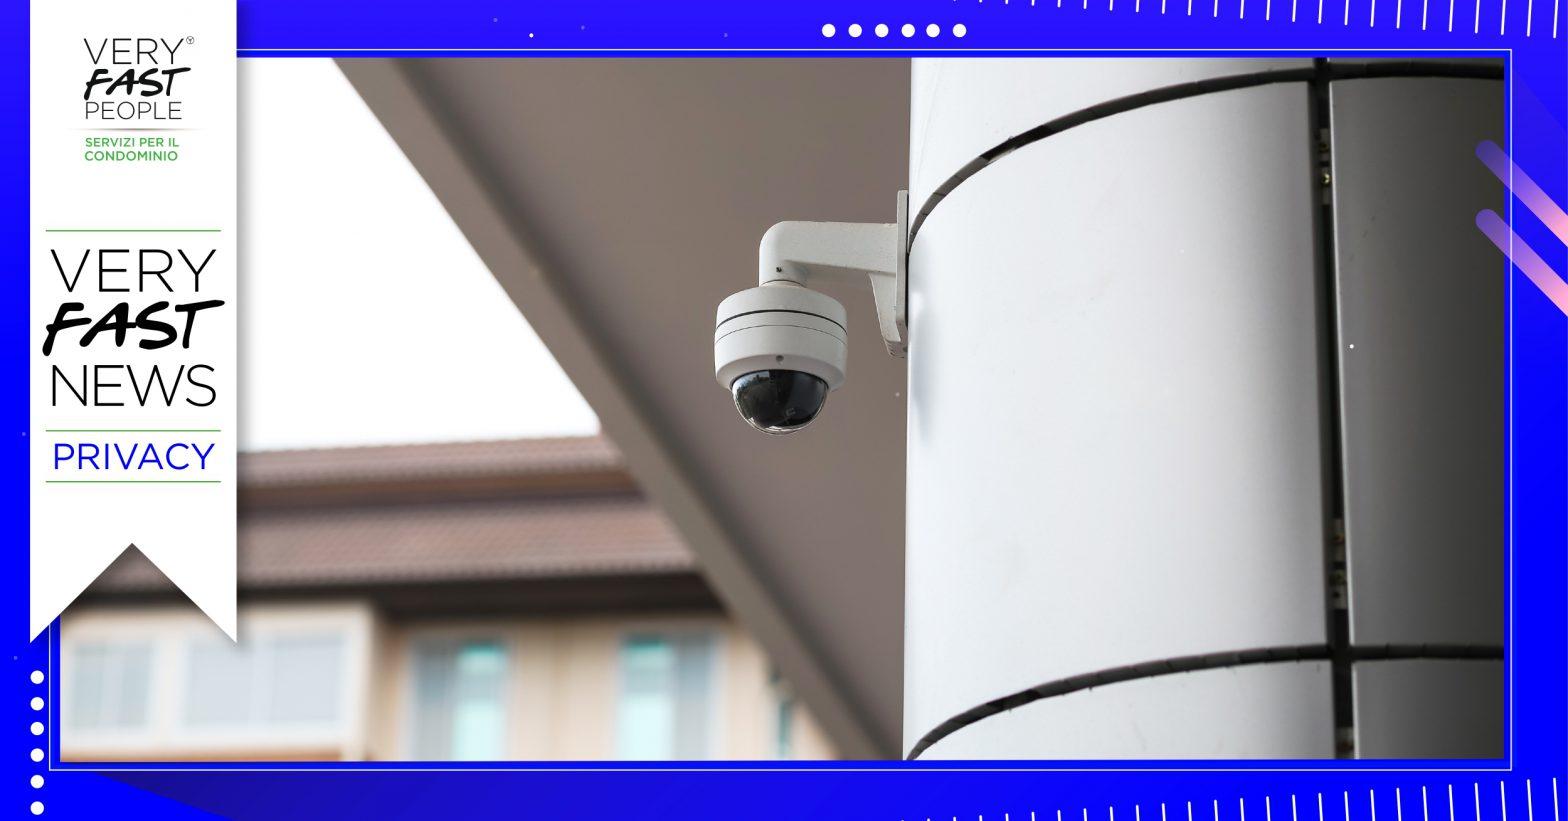 Impianto di videosorveglianza in Condominio